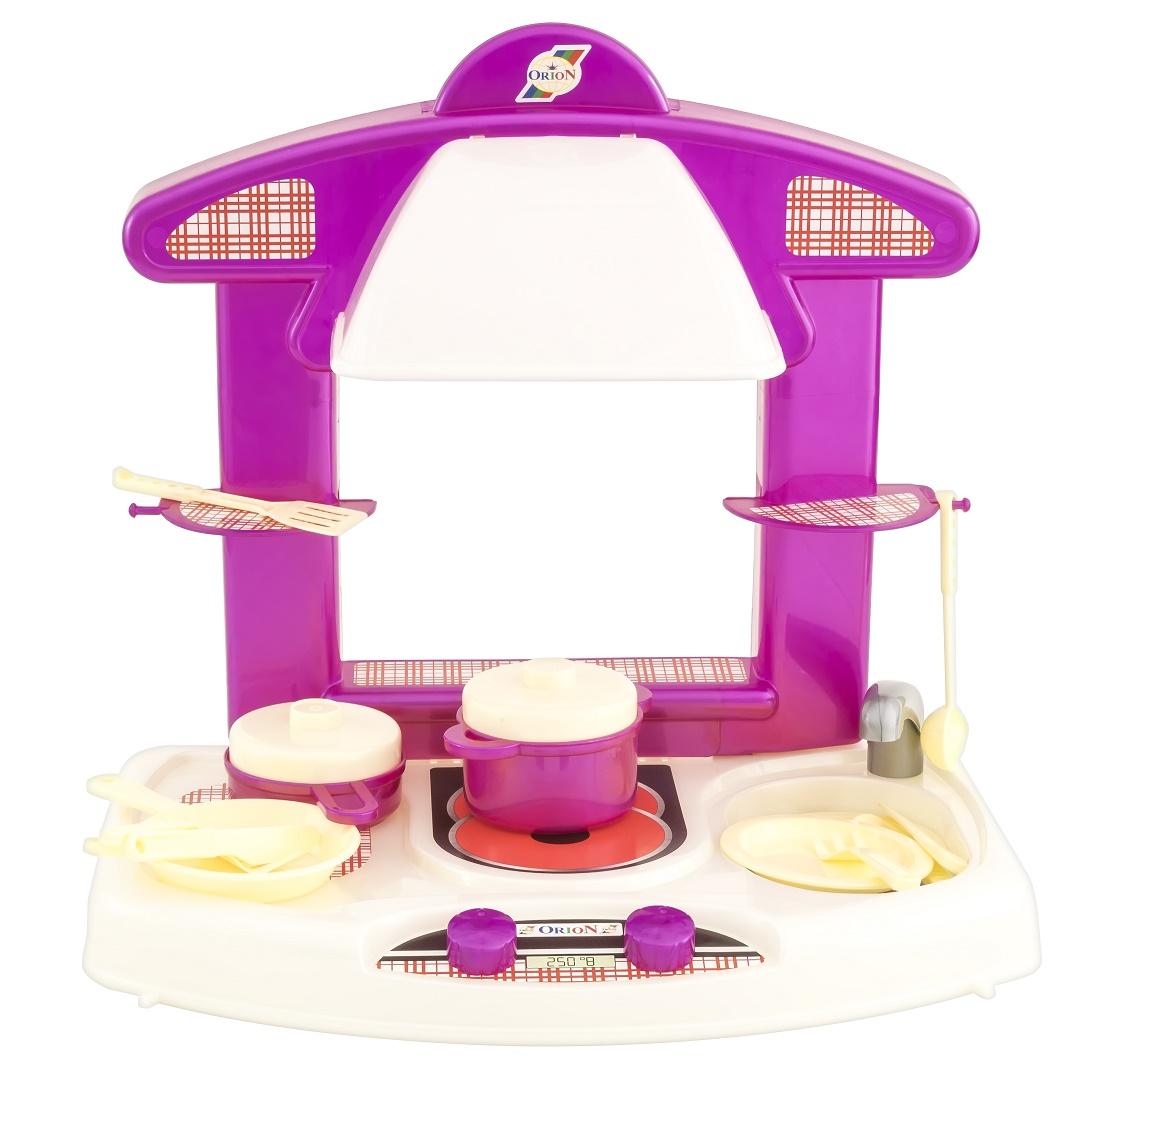 Сюжетно-ролевые игрушки ORION TOYS Кухня 327 с набором посуды розовый, белый